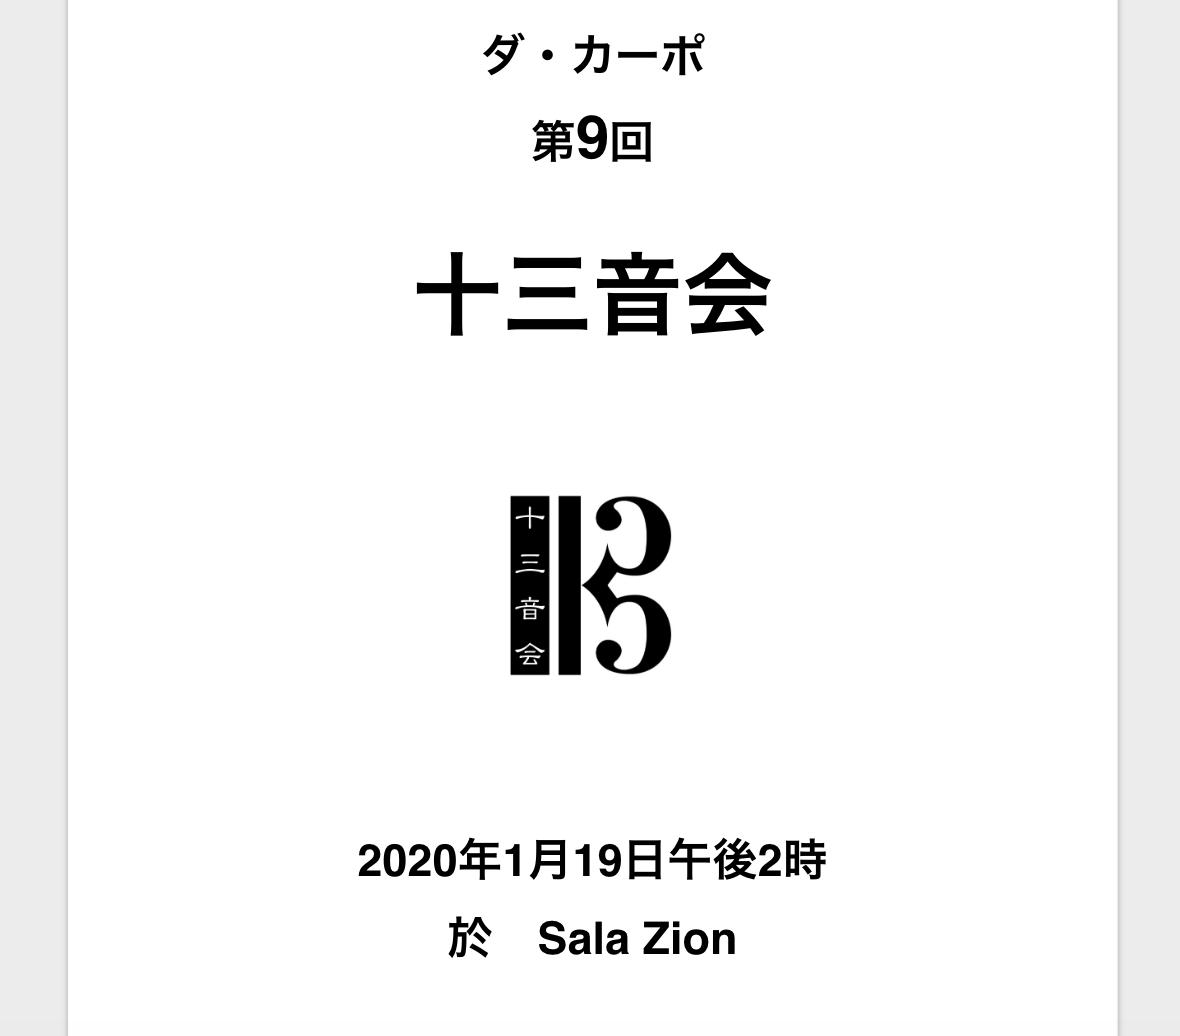 十三音会〜ダ・カーポ第9回